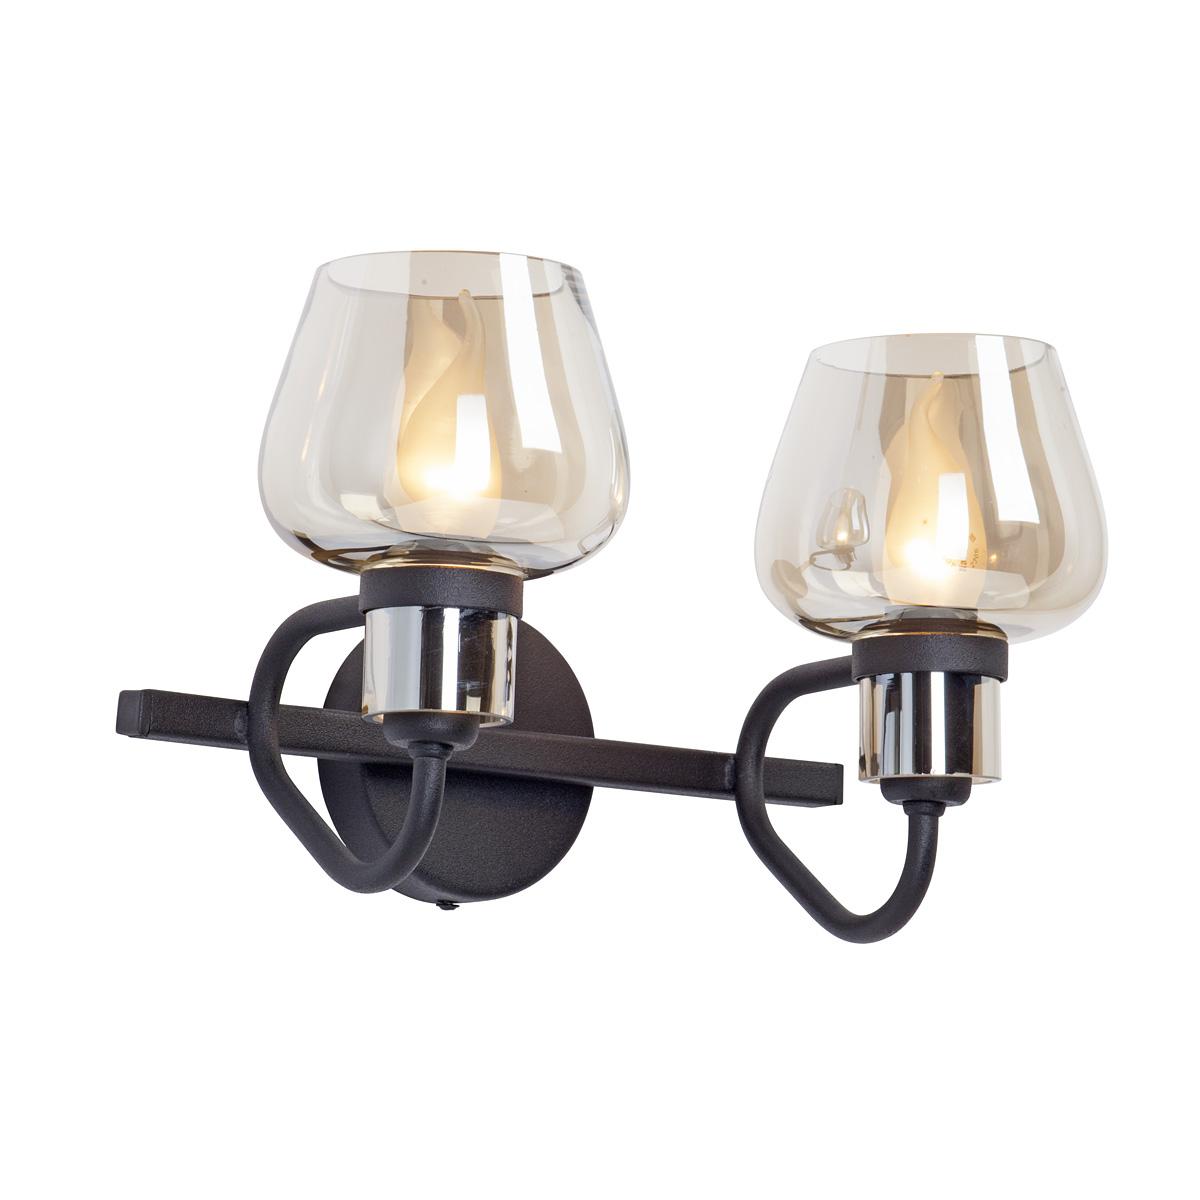 Светильник настенный Vitaluce V4597-1/2A, 2xE14 макс. 40Вт светильник настенный vitaluce v1094 2a